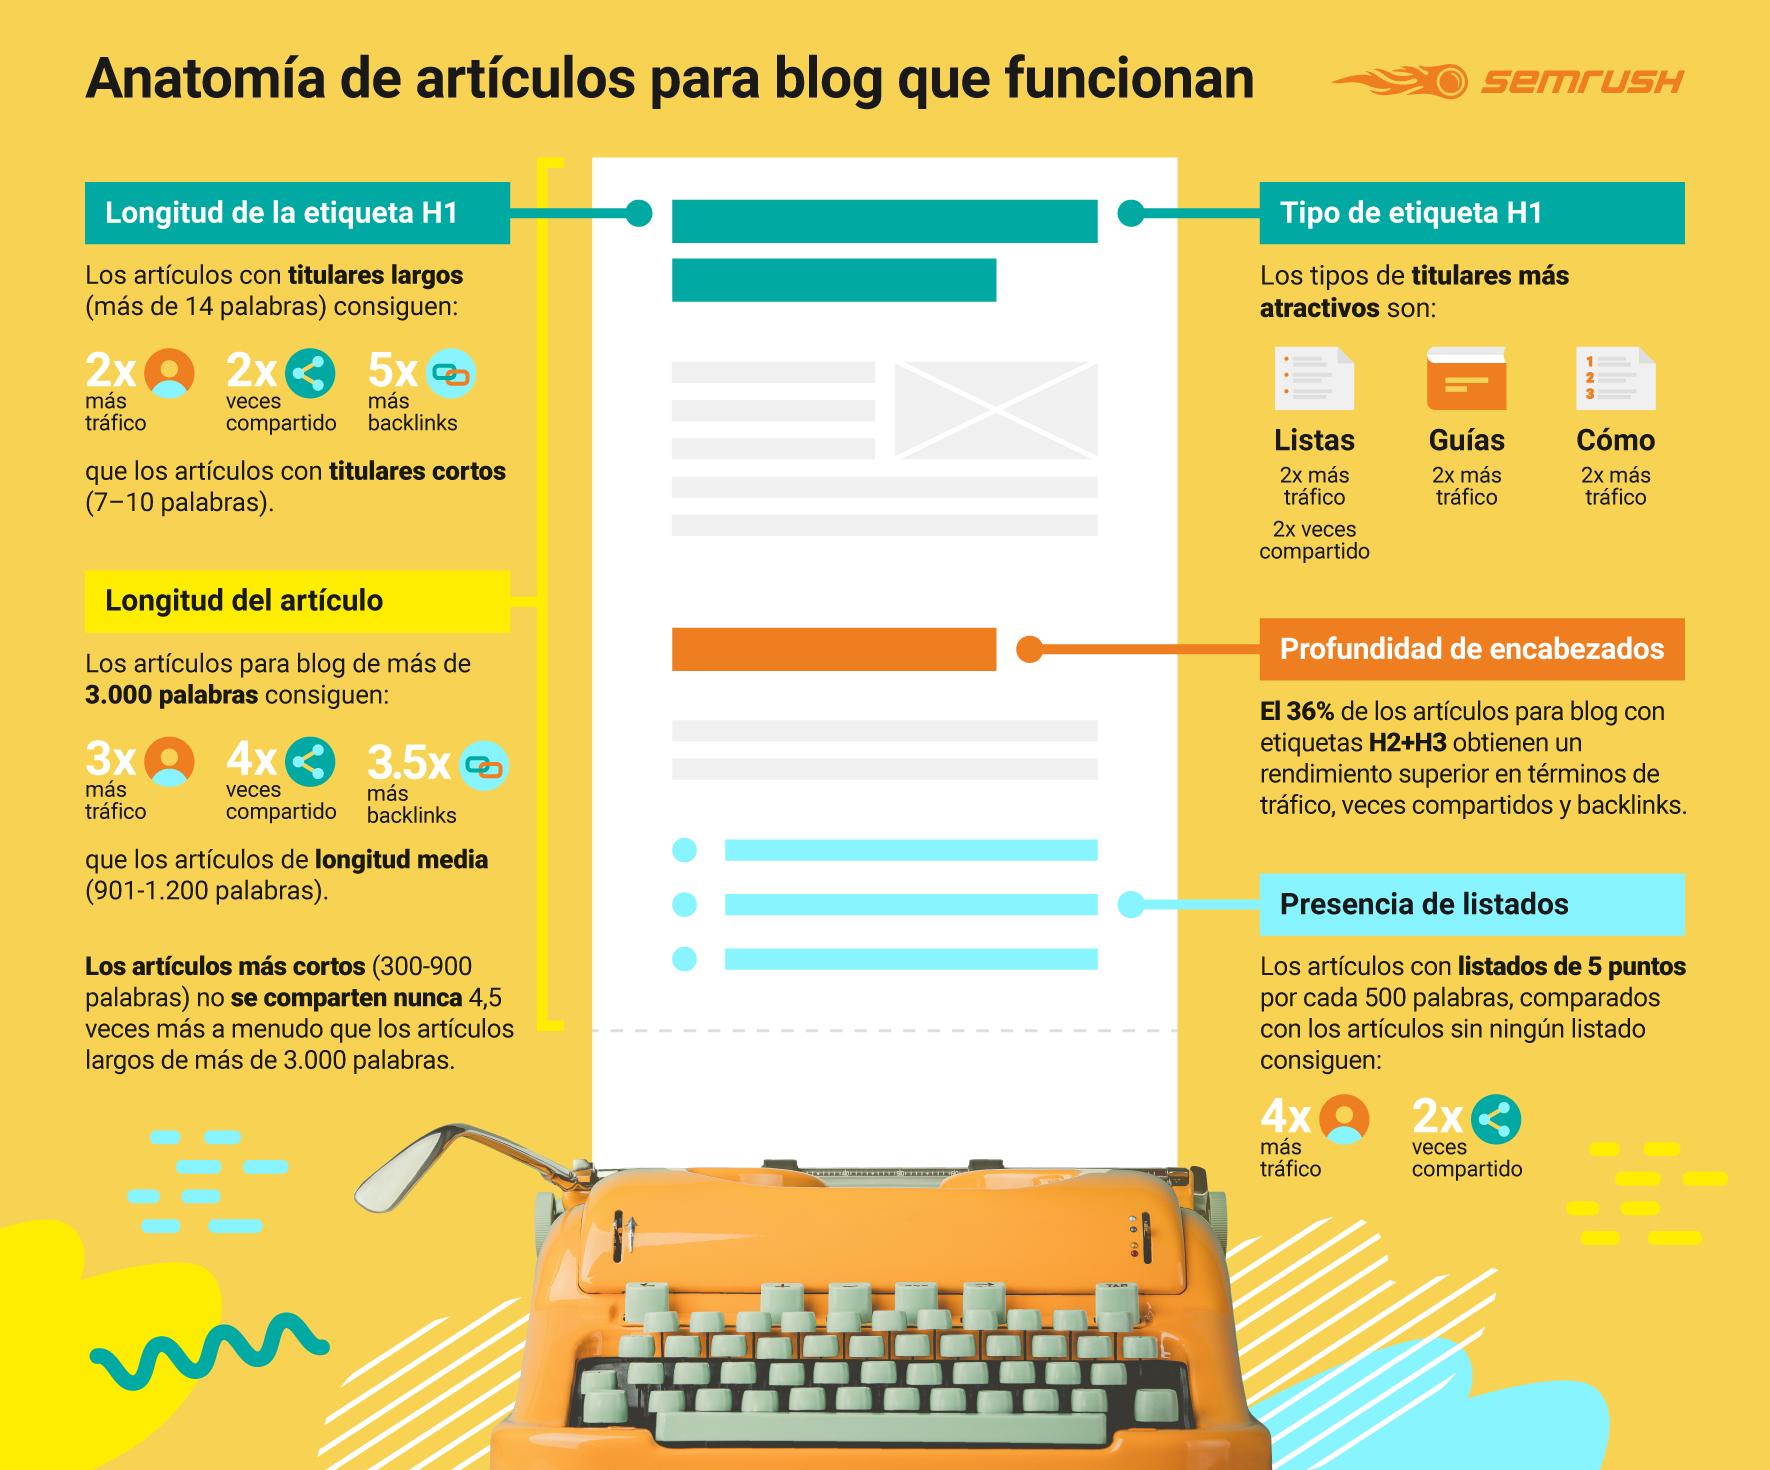 Anatomía de artículos para blog - Infografía